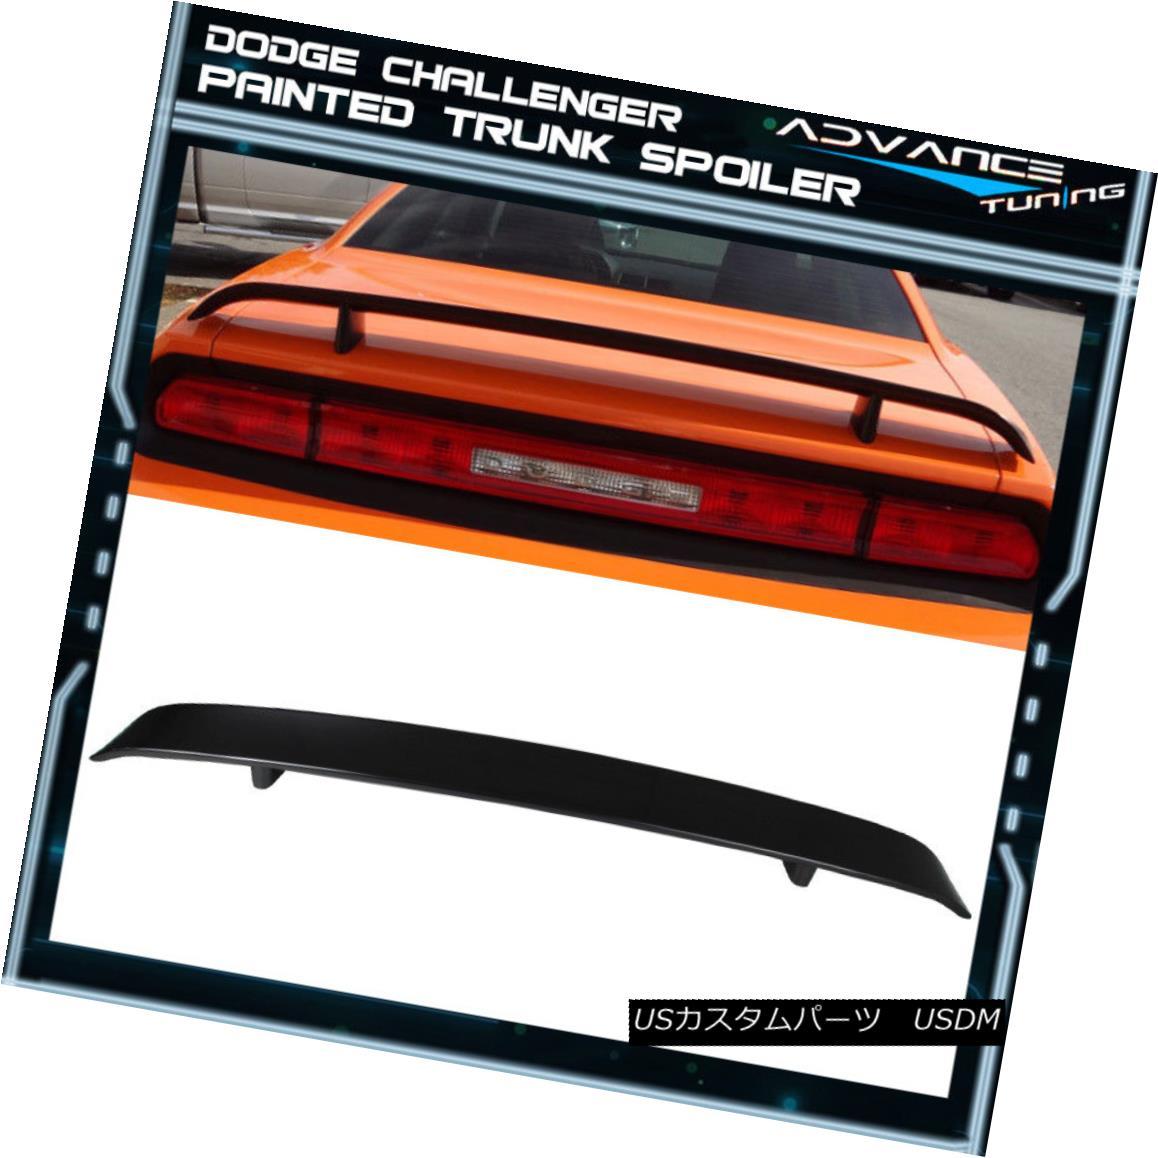 エアロパーツ 08-14 Dodge Challenger OE Trunk Spoiler Painted #PAU Granite Crystal Metallic 08-14ダッジチャレンジャーOEトランク・スポイラー塗装#PAU花崗岩クリスタル・メタリック